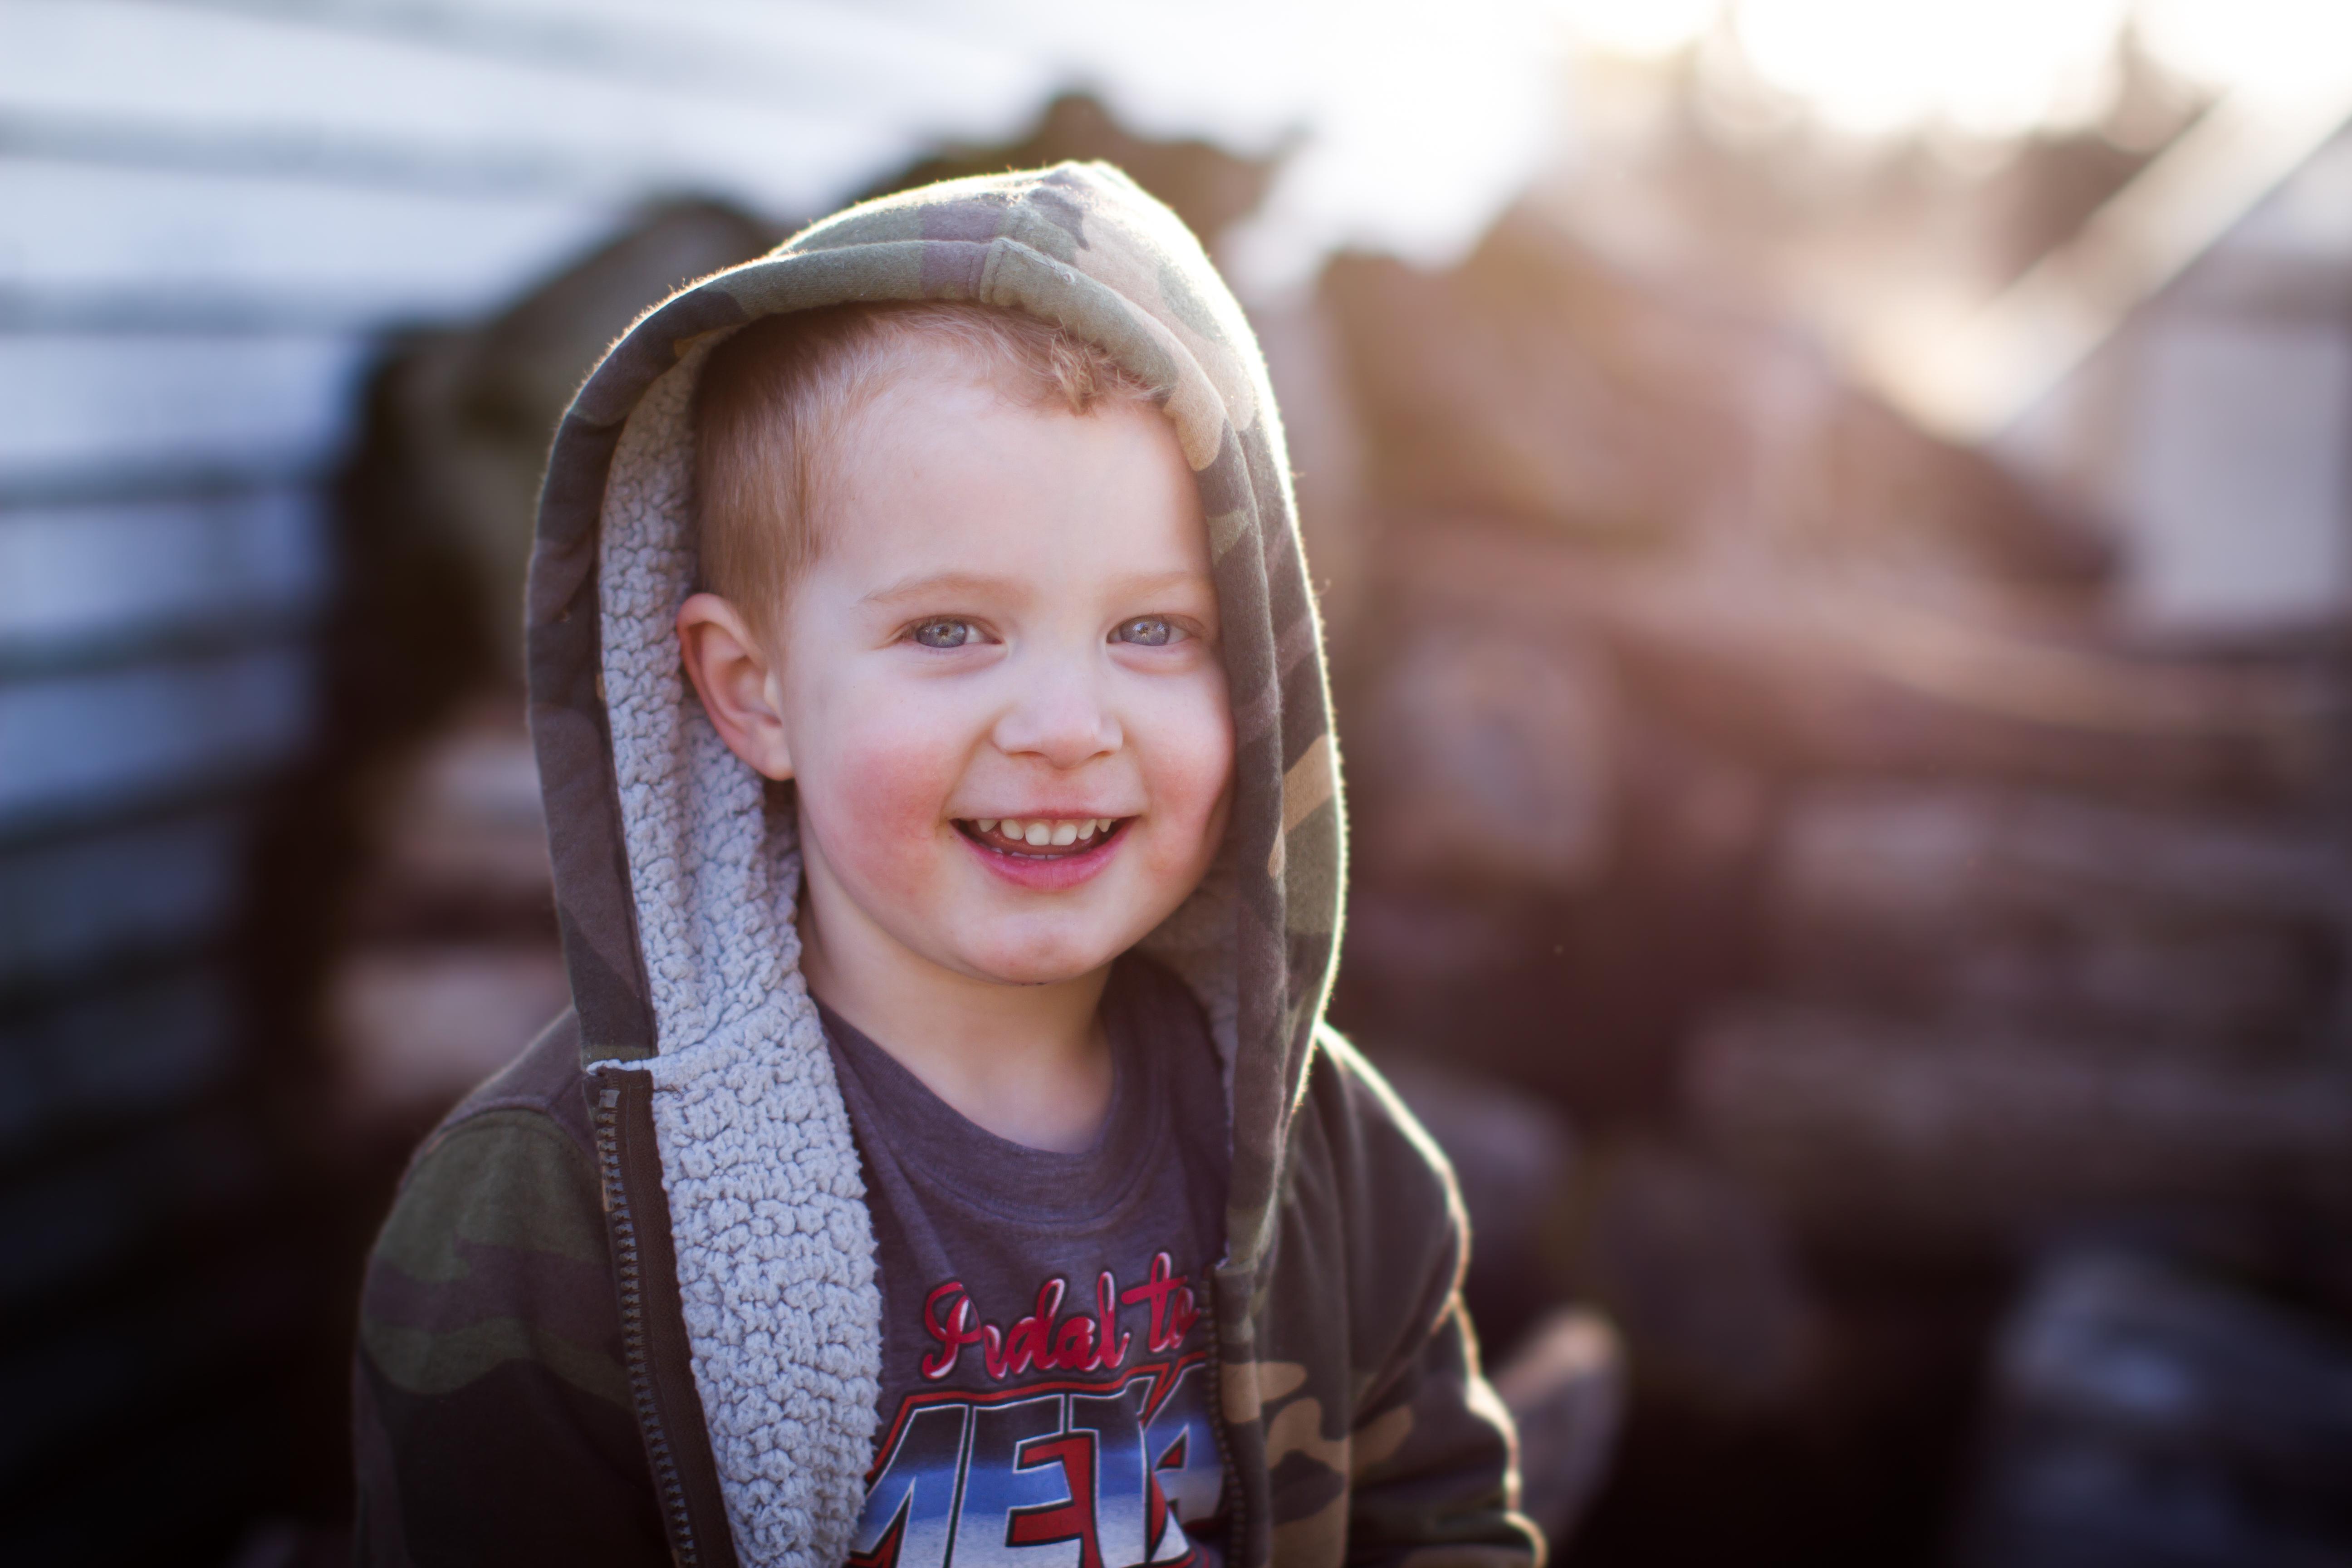 пятом улыбка умиления картинки забайкалья